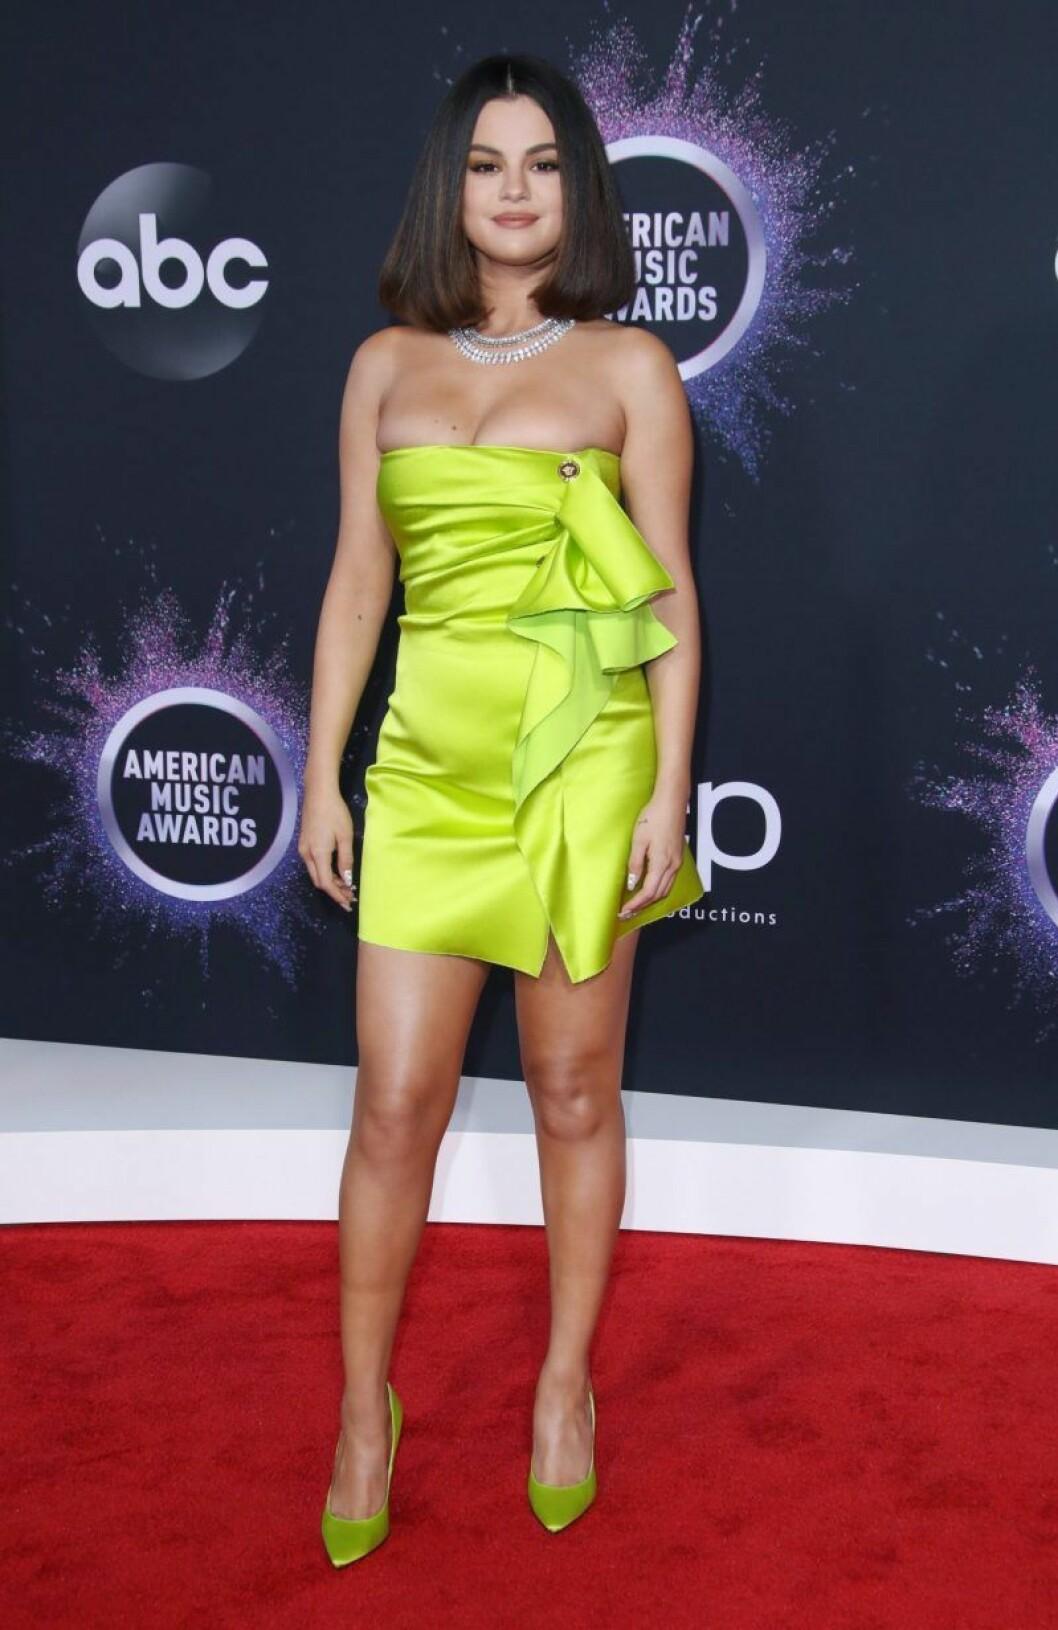 Selena Gomez i neongul klänning